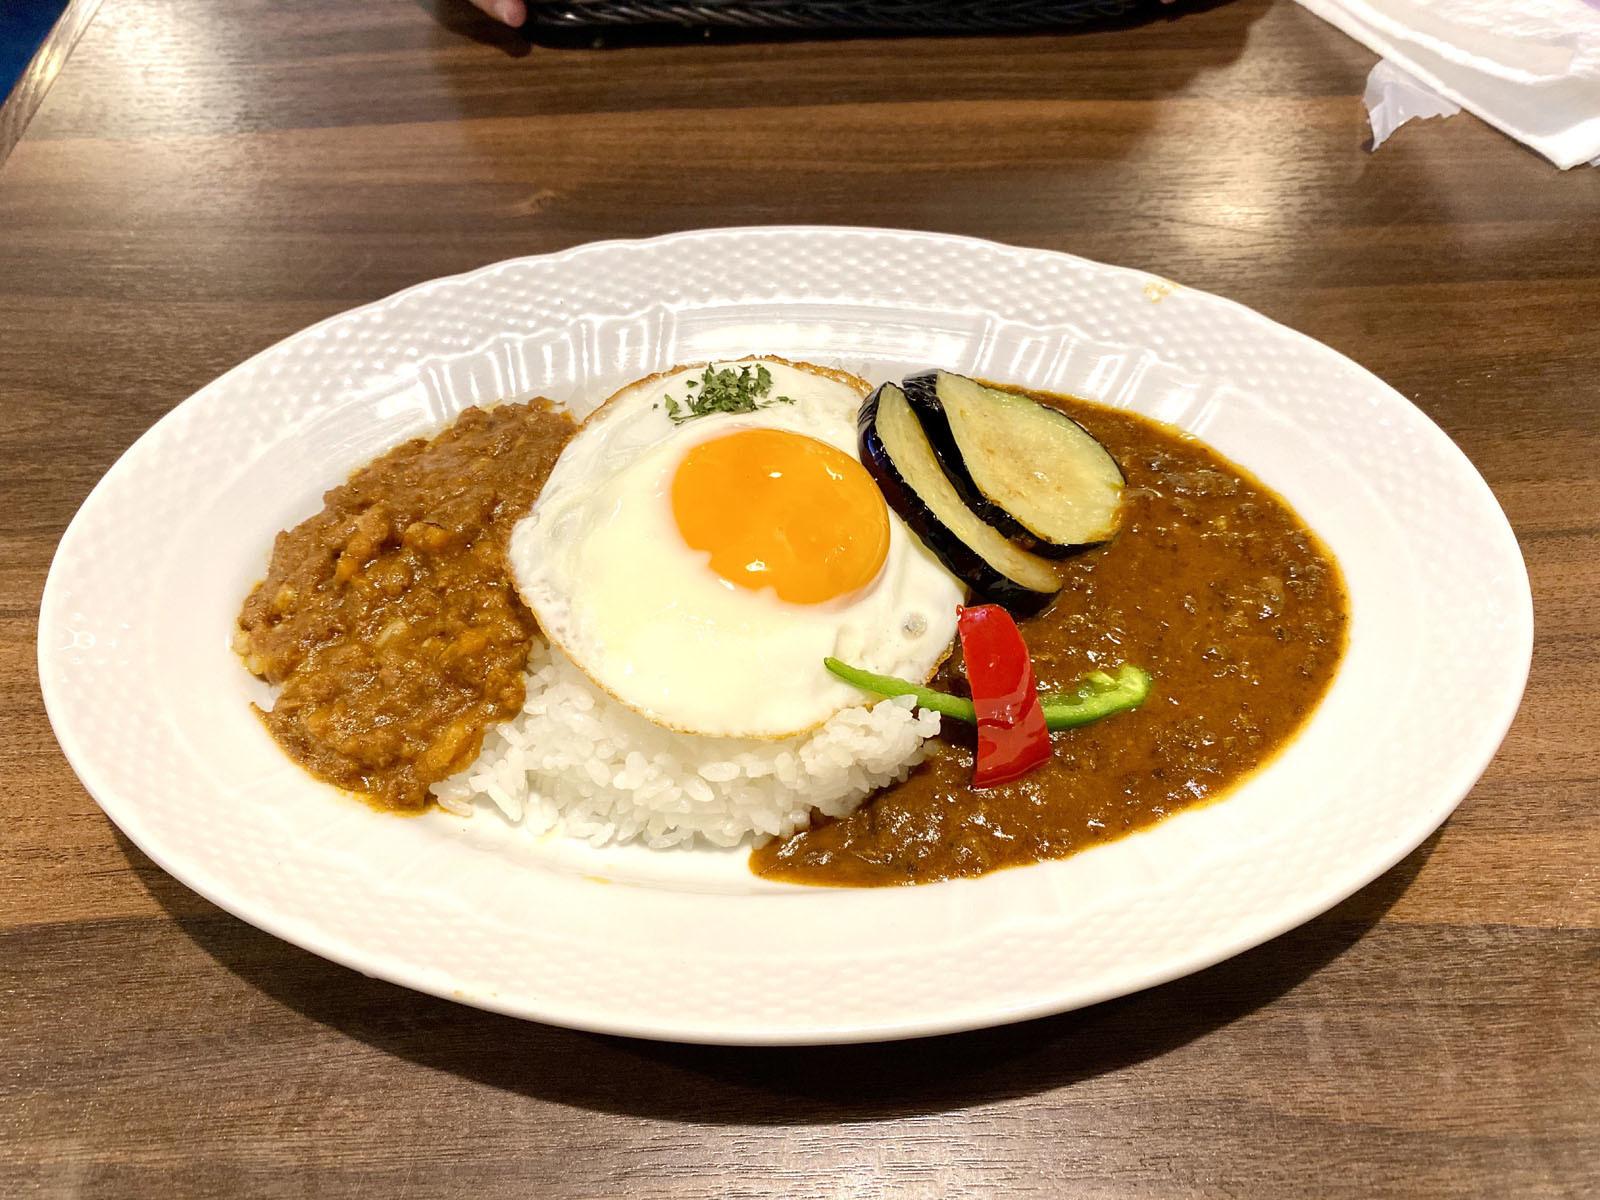 夏野菜のWカレー(星乃カレー&キーマ)ドリンク付 1180円(税抜)